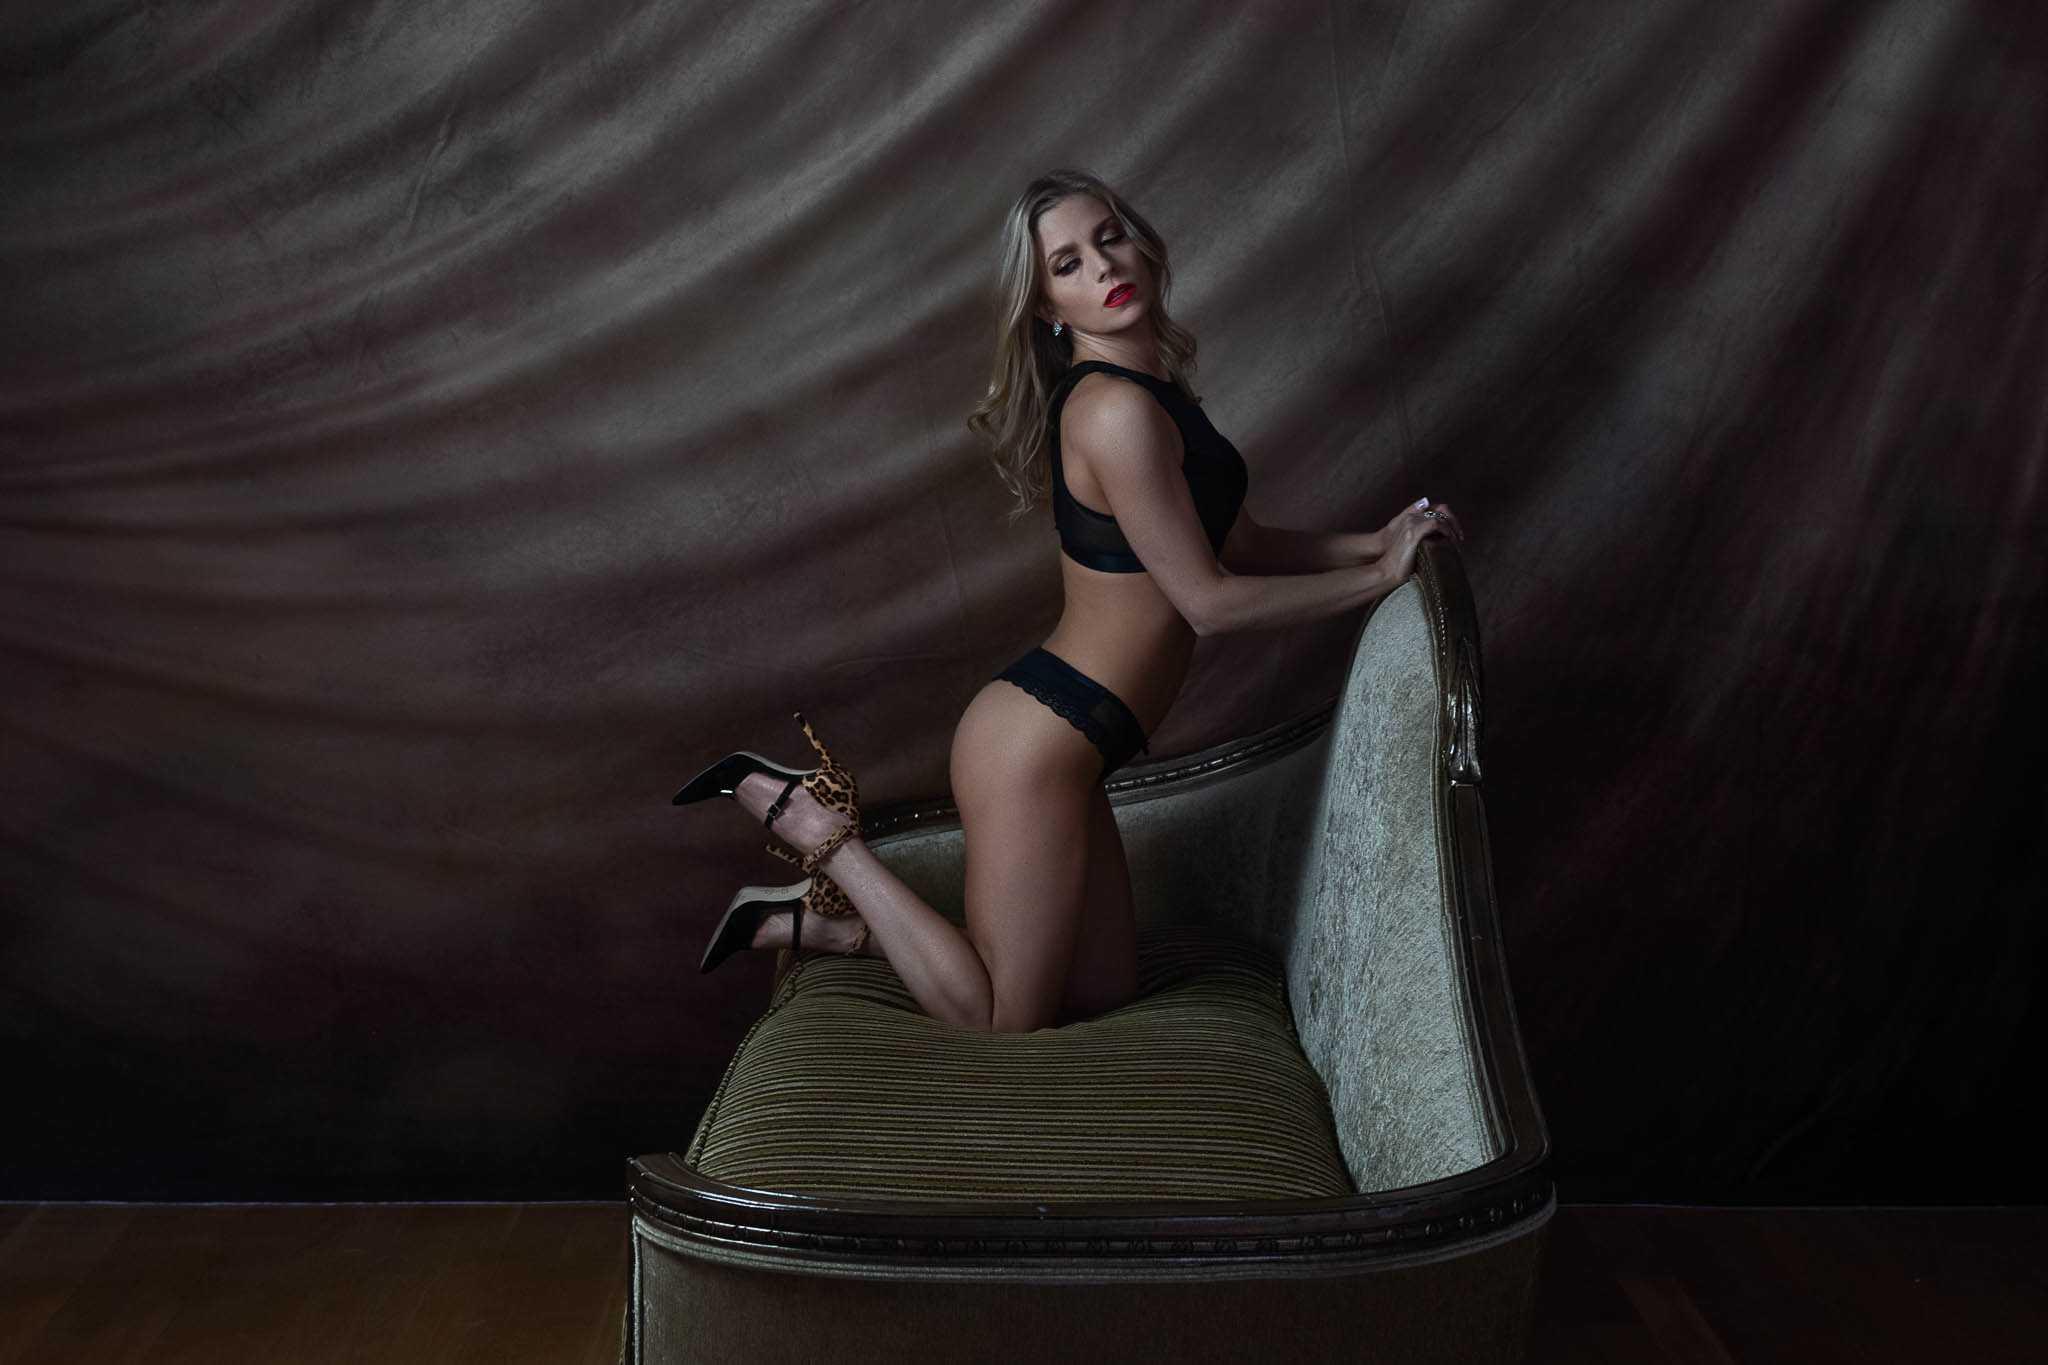 Houston boudoir studio Heights Boudoir featuring Erin